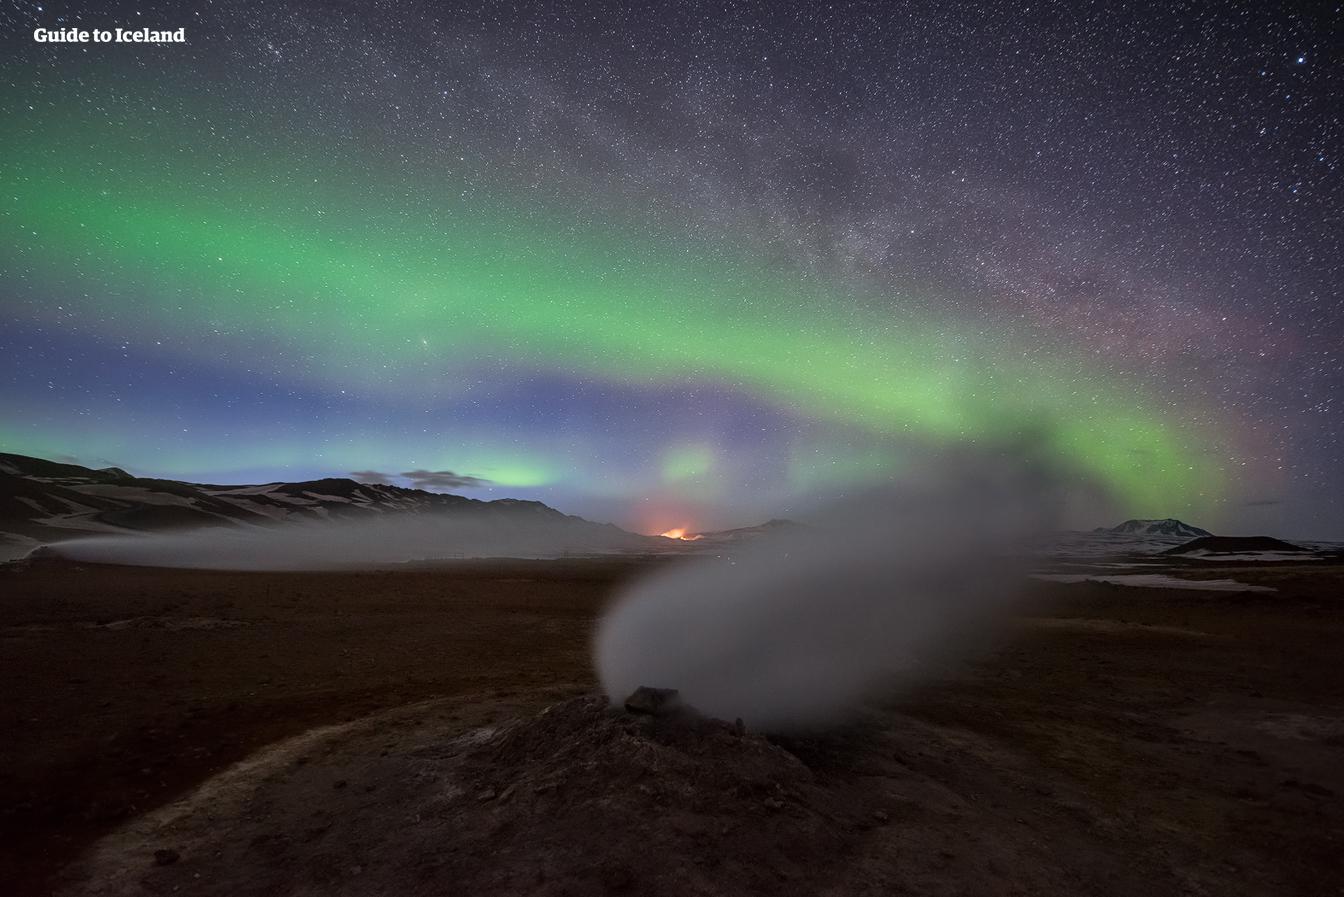 Les aurores boréales illuminent le ciel ainsi que le lac Mývatn.